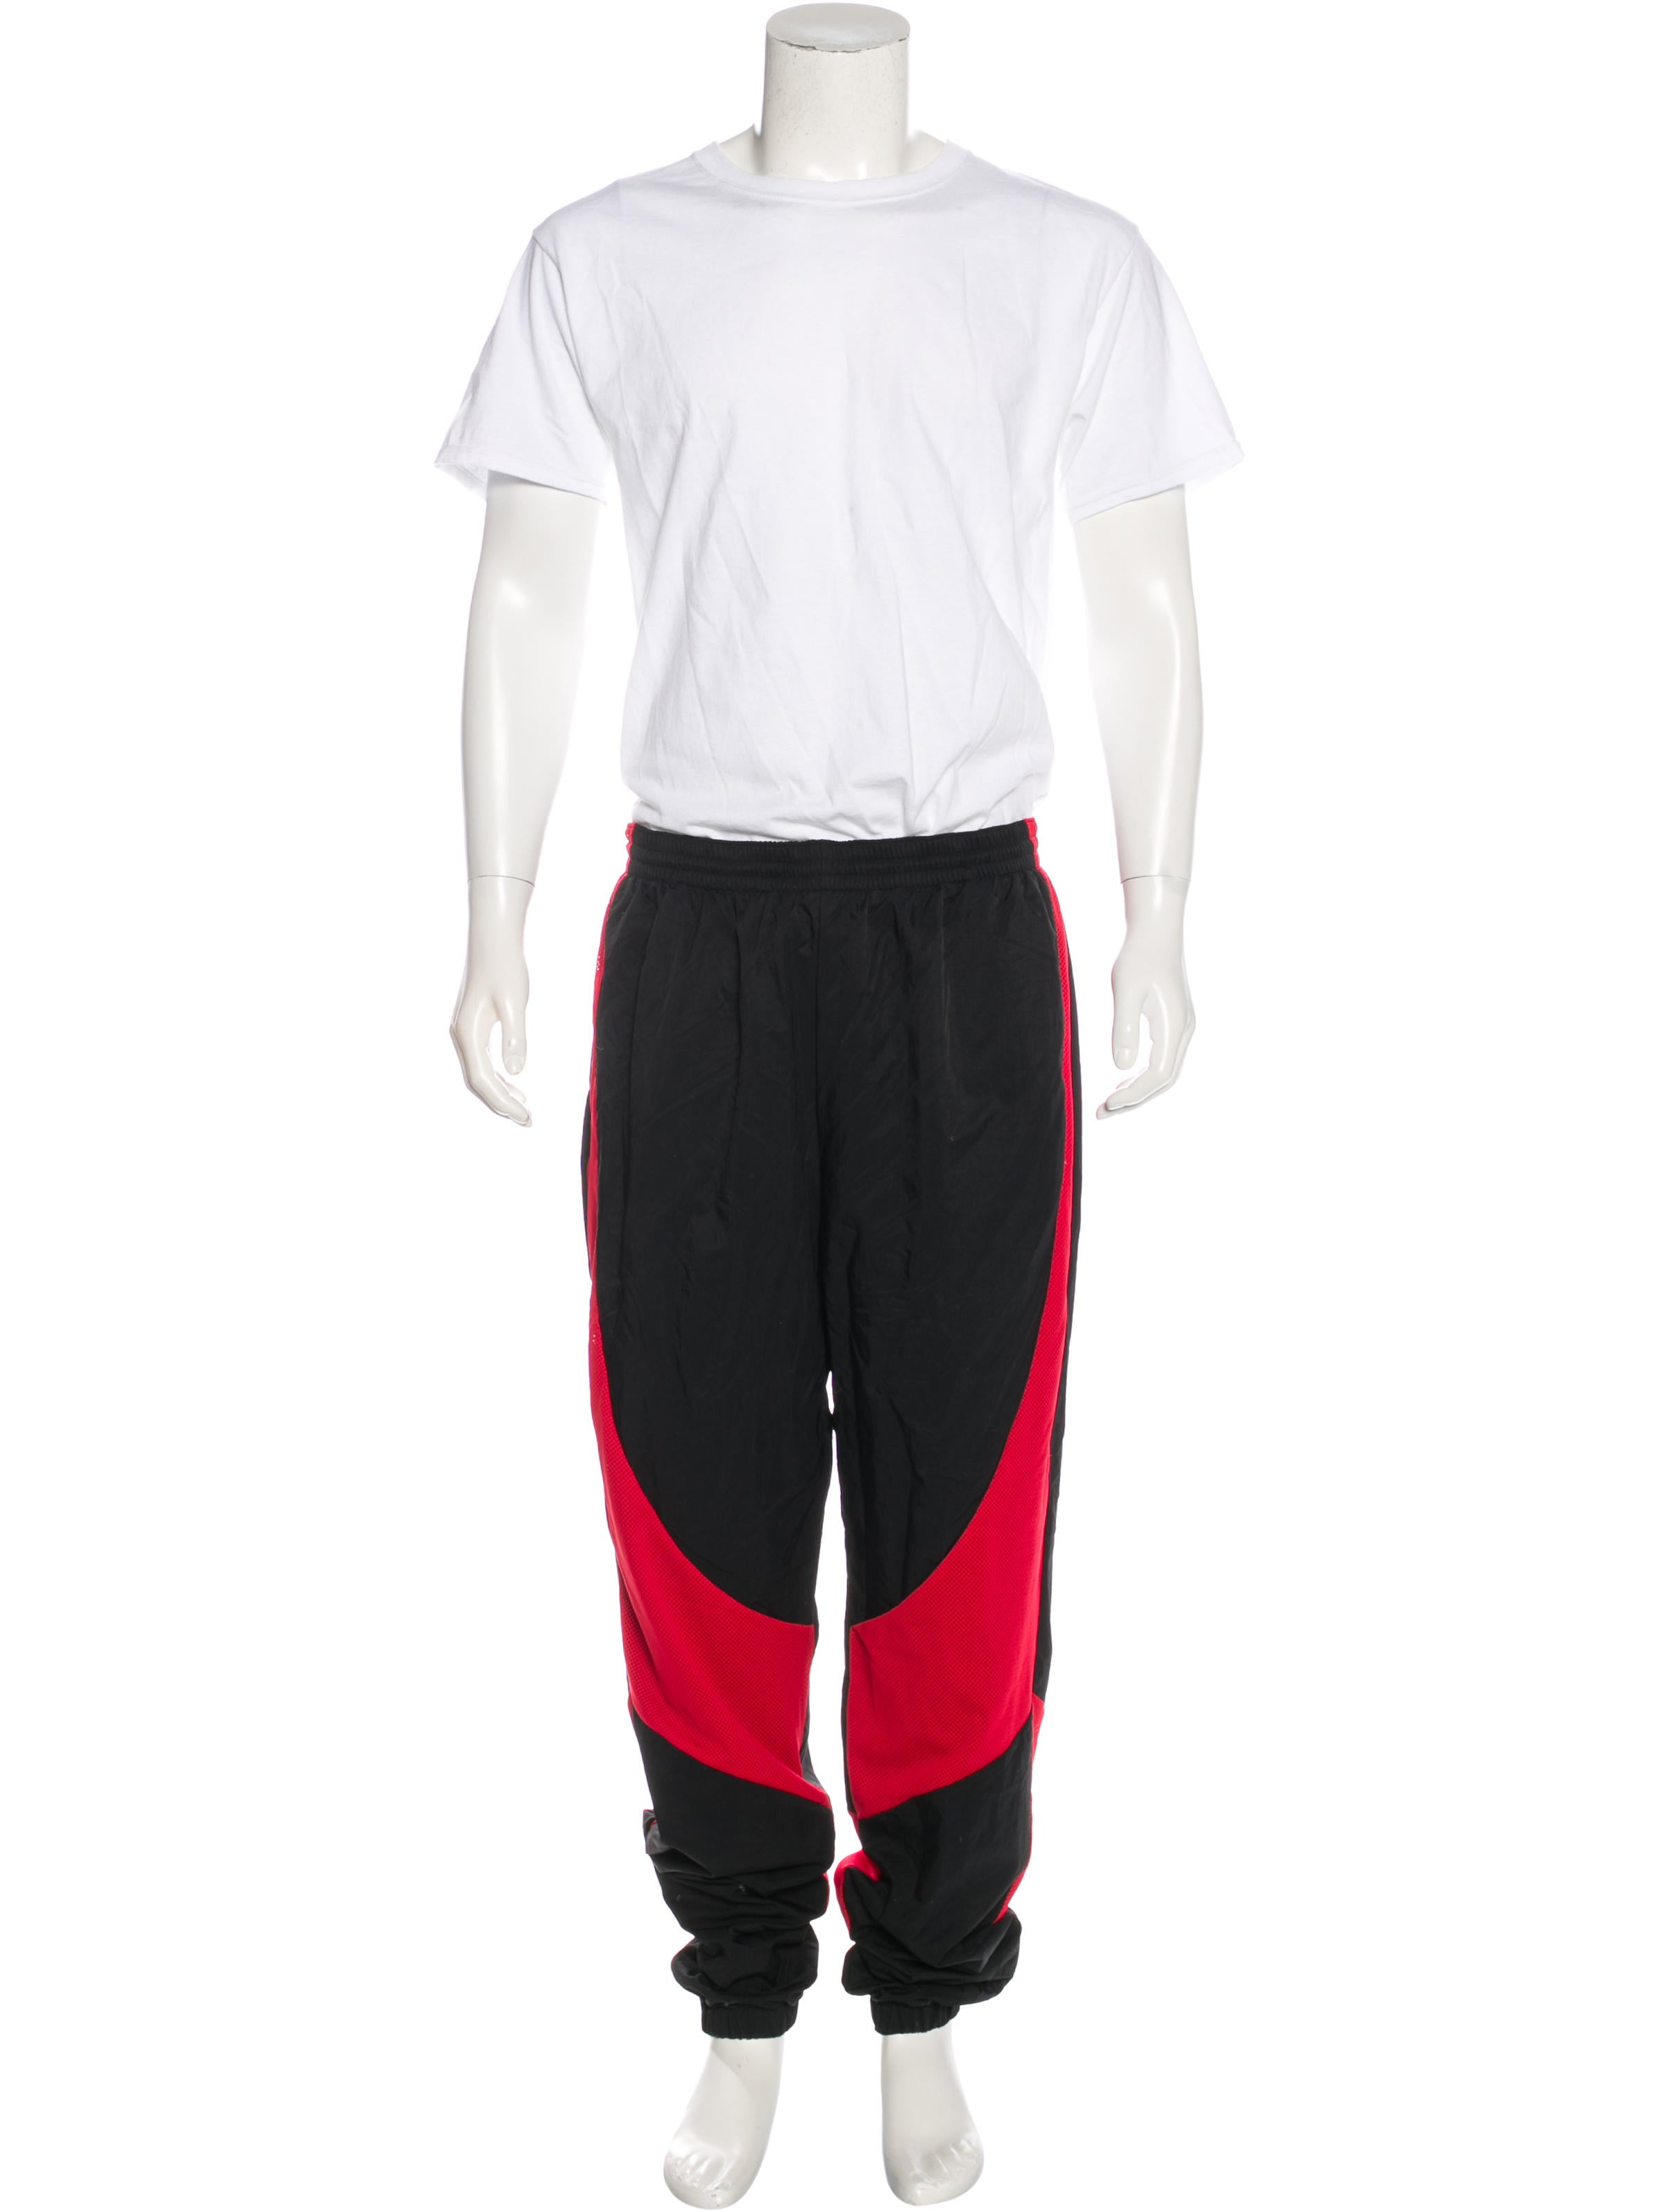 nike air jordan nylon twopiece sweatsuit w tags